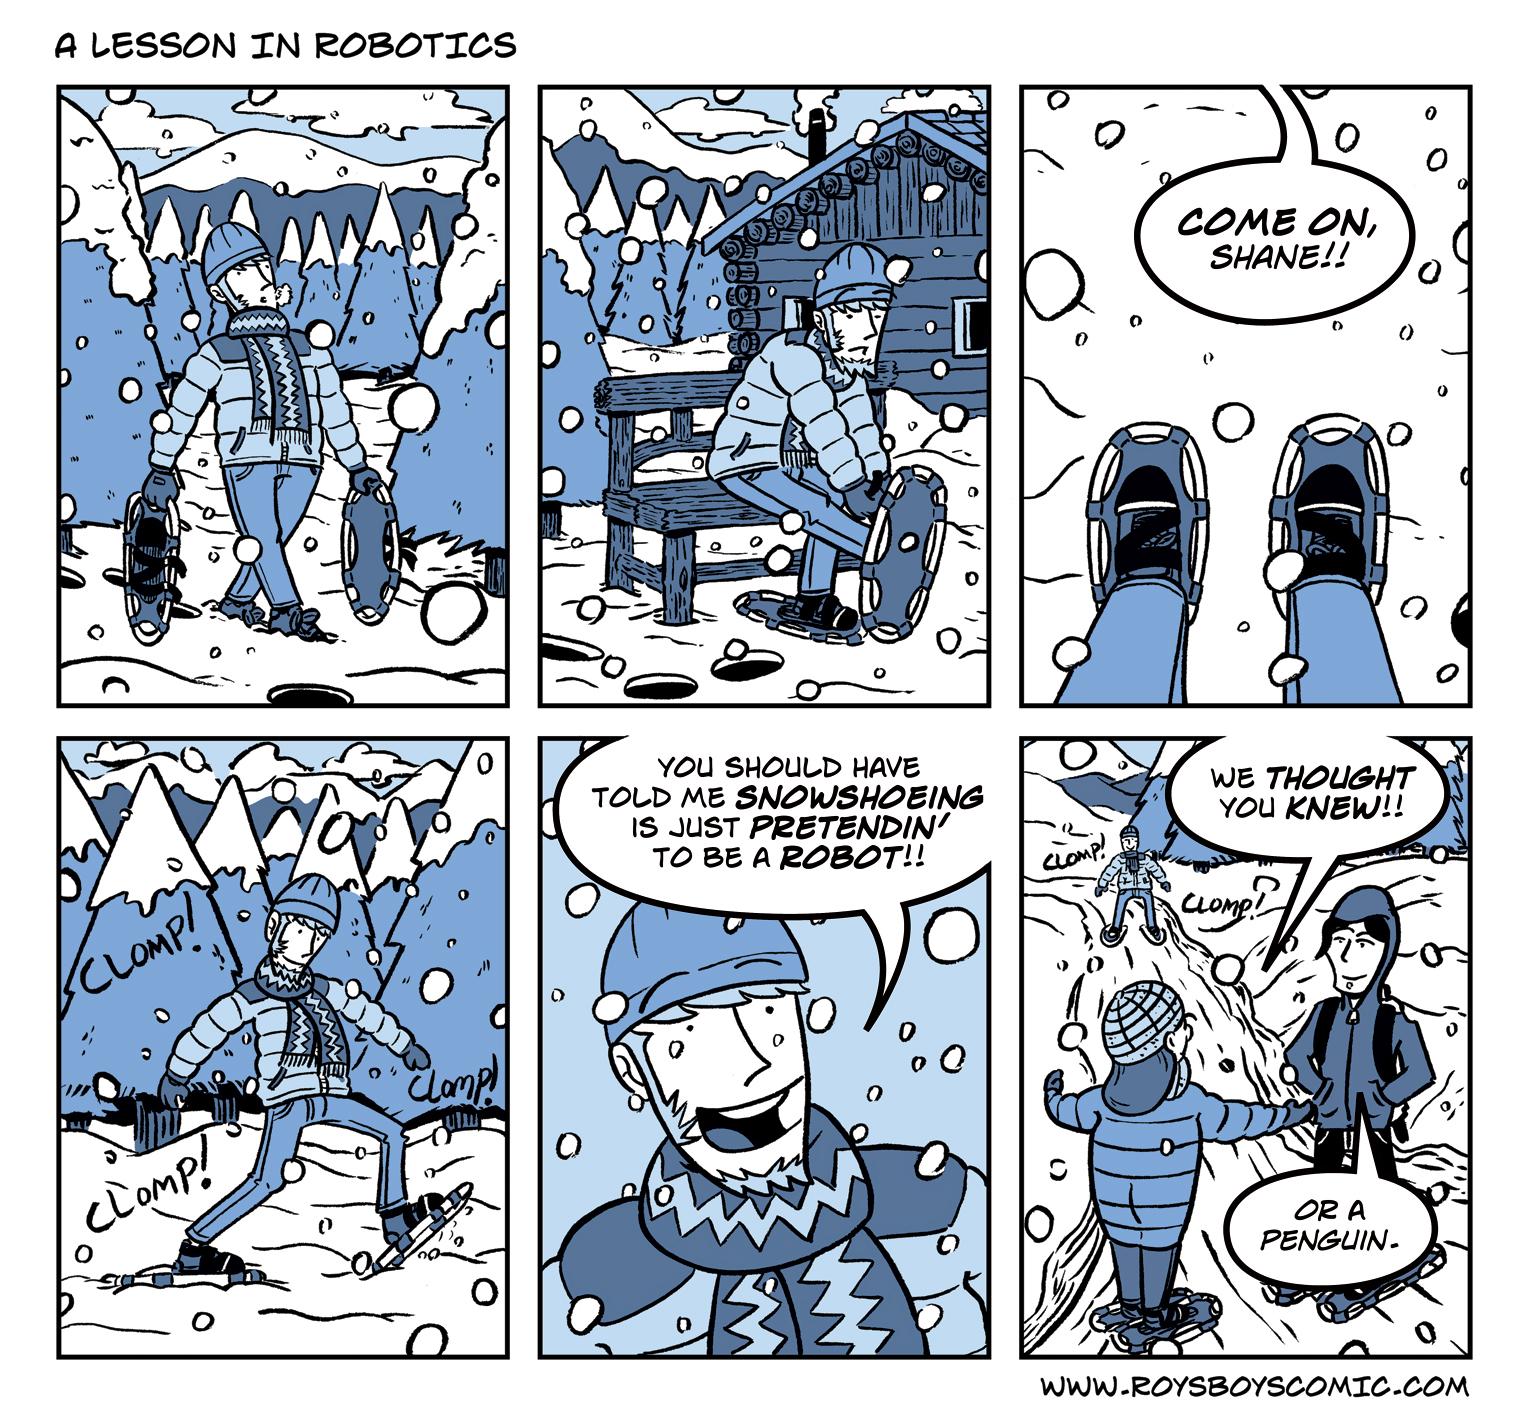 A Lesson in Robotics